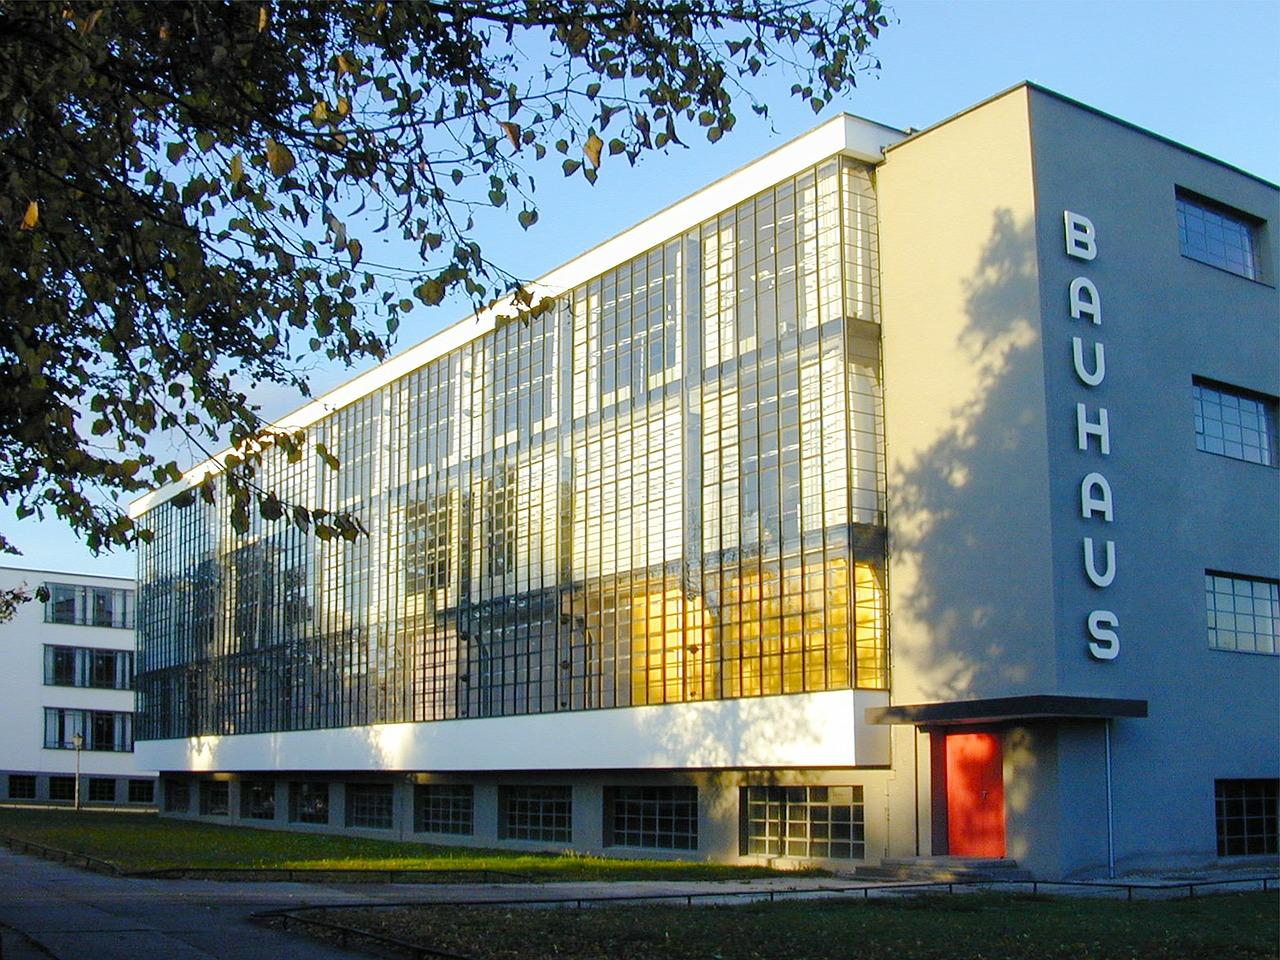 Bauhaus - industrija umetnosti